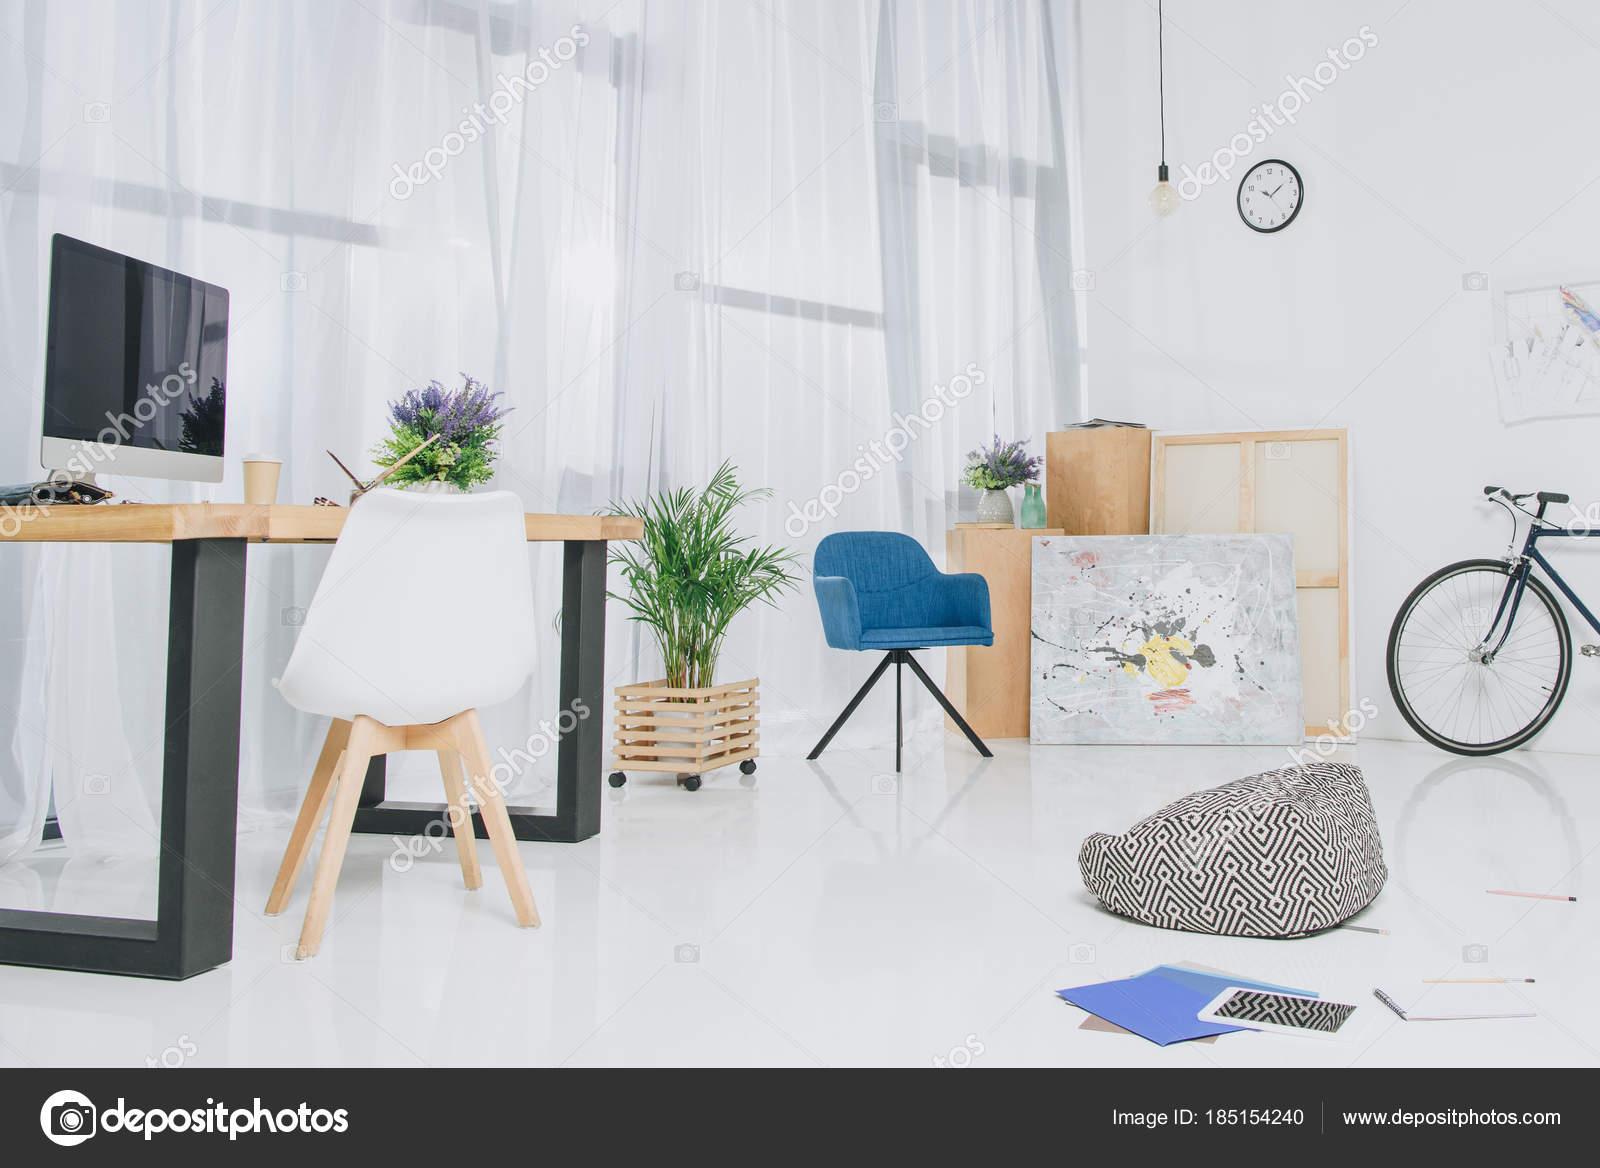 Kamer interieur met werktafel fiets door muur u stockfoto